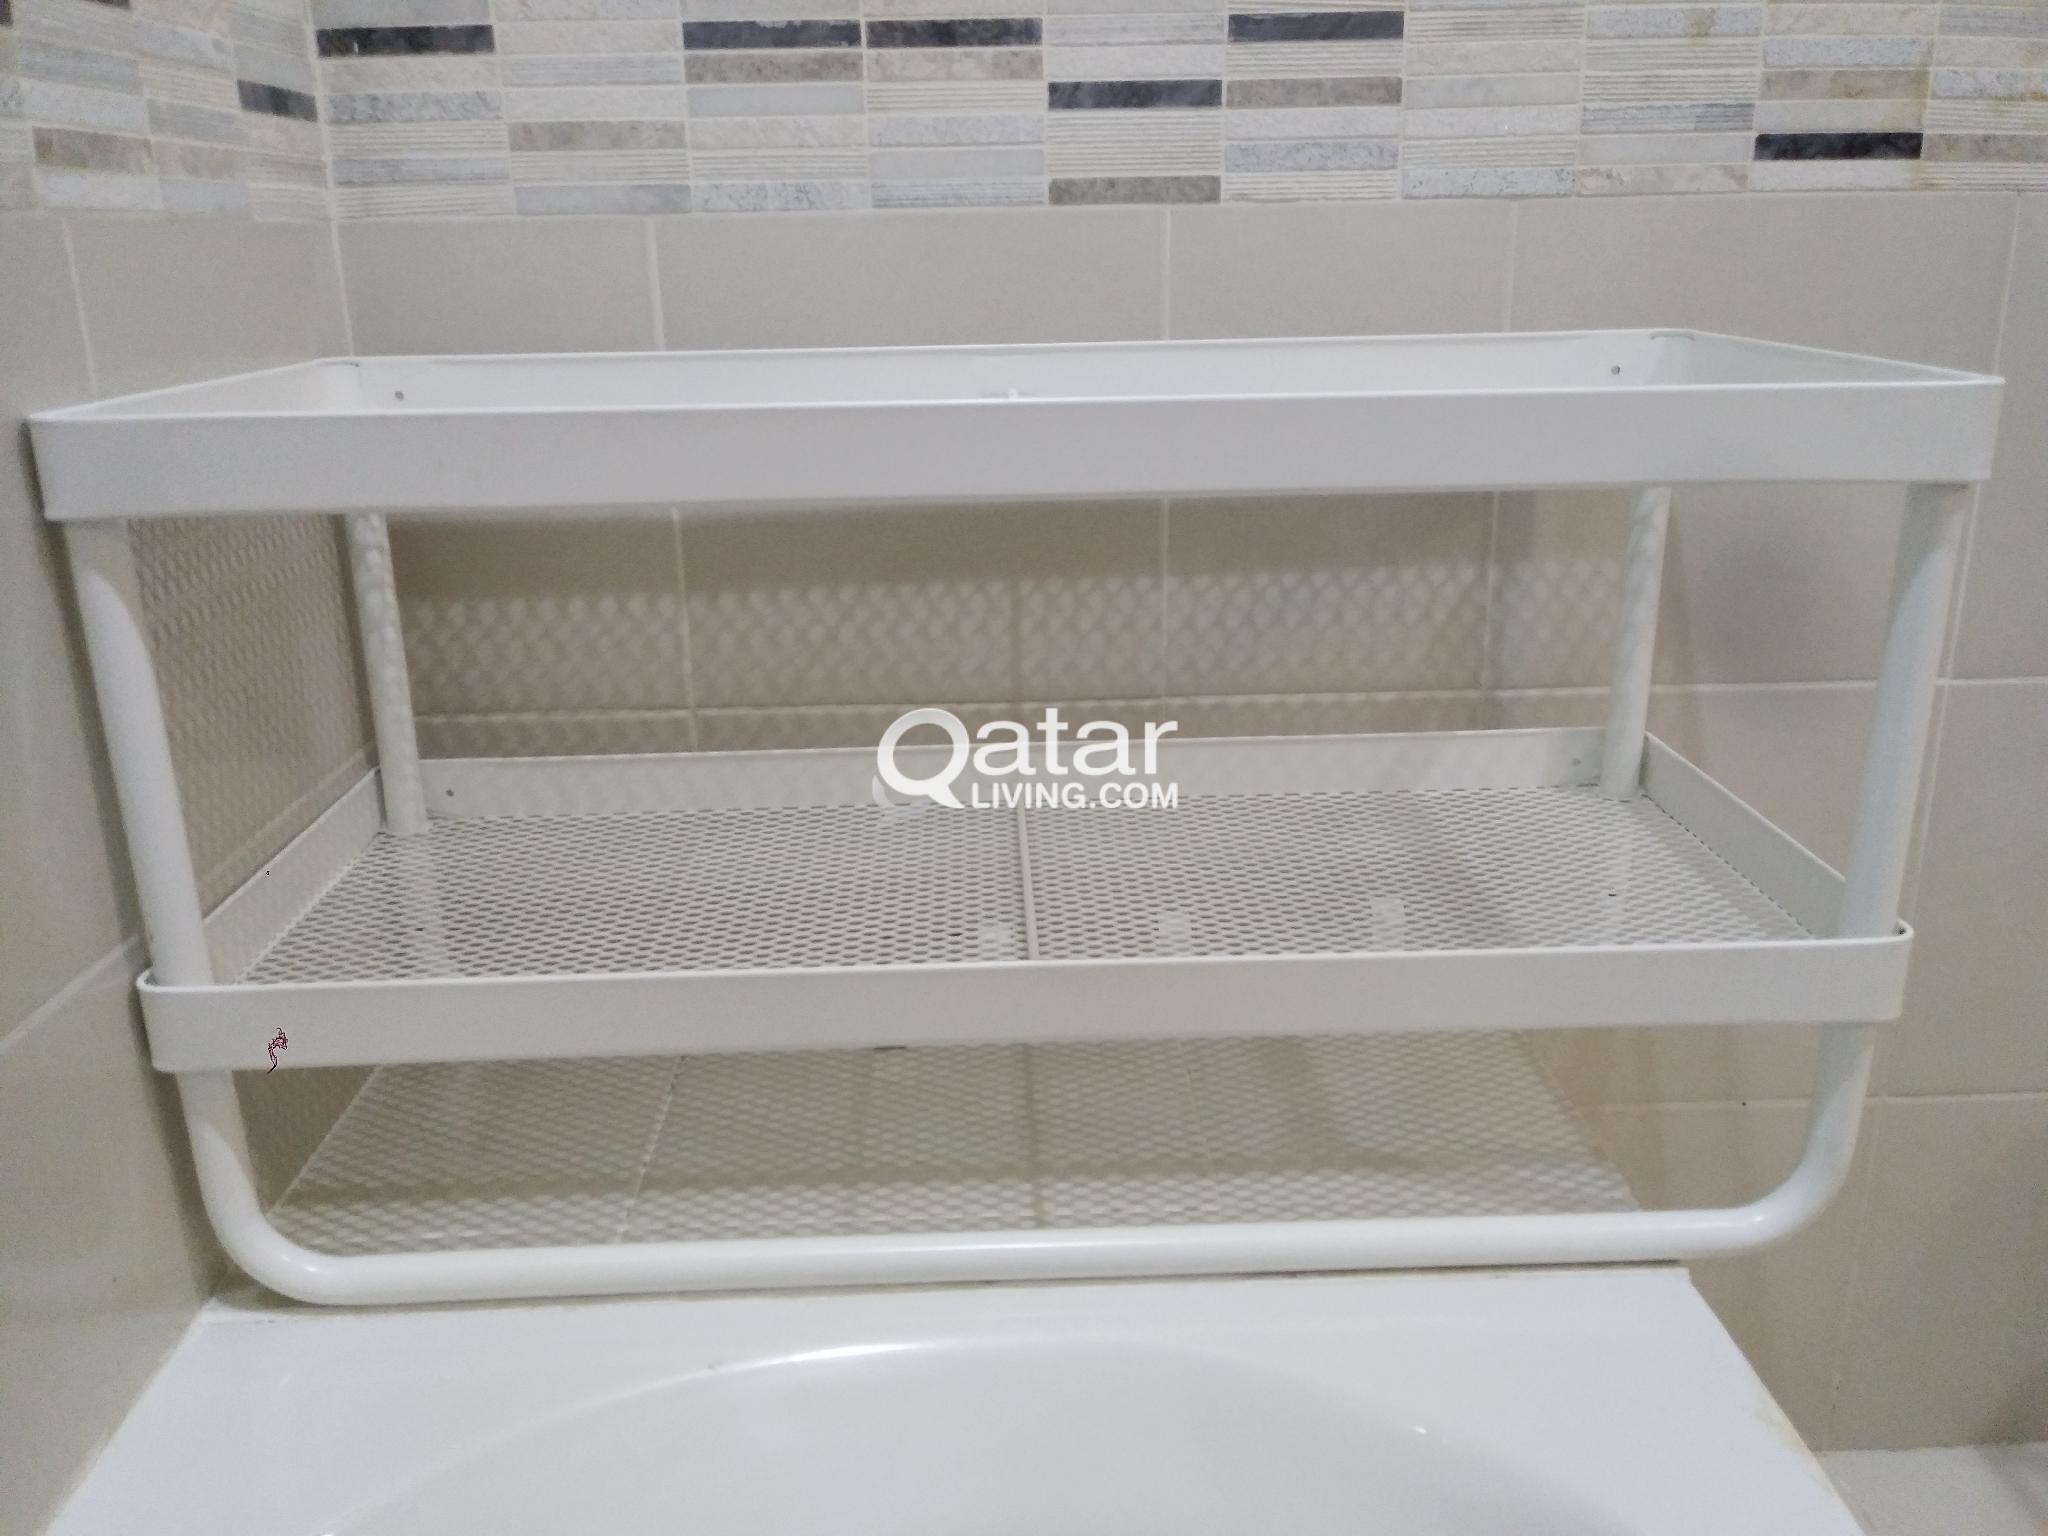 Ikea White Shelf Wooden Table Foil Dispenser Qatar Living